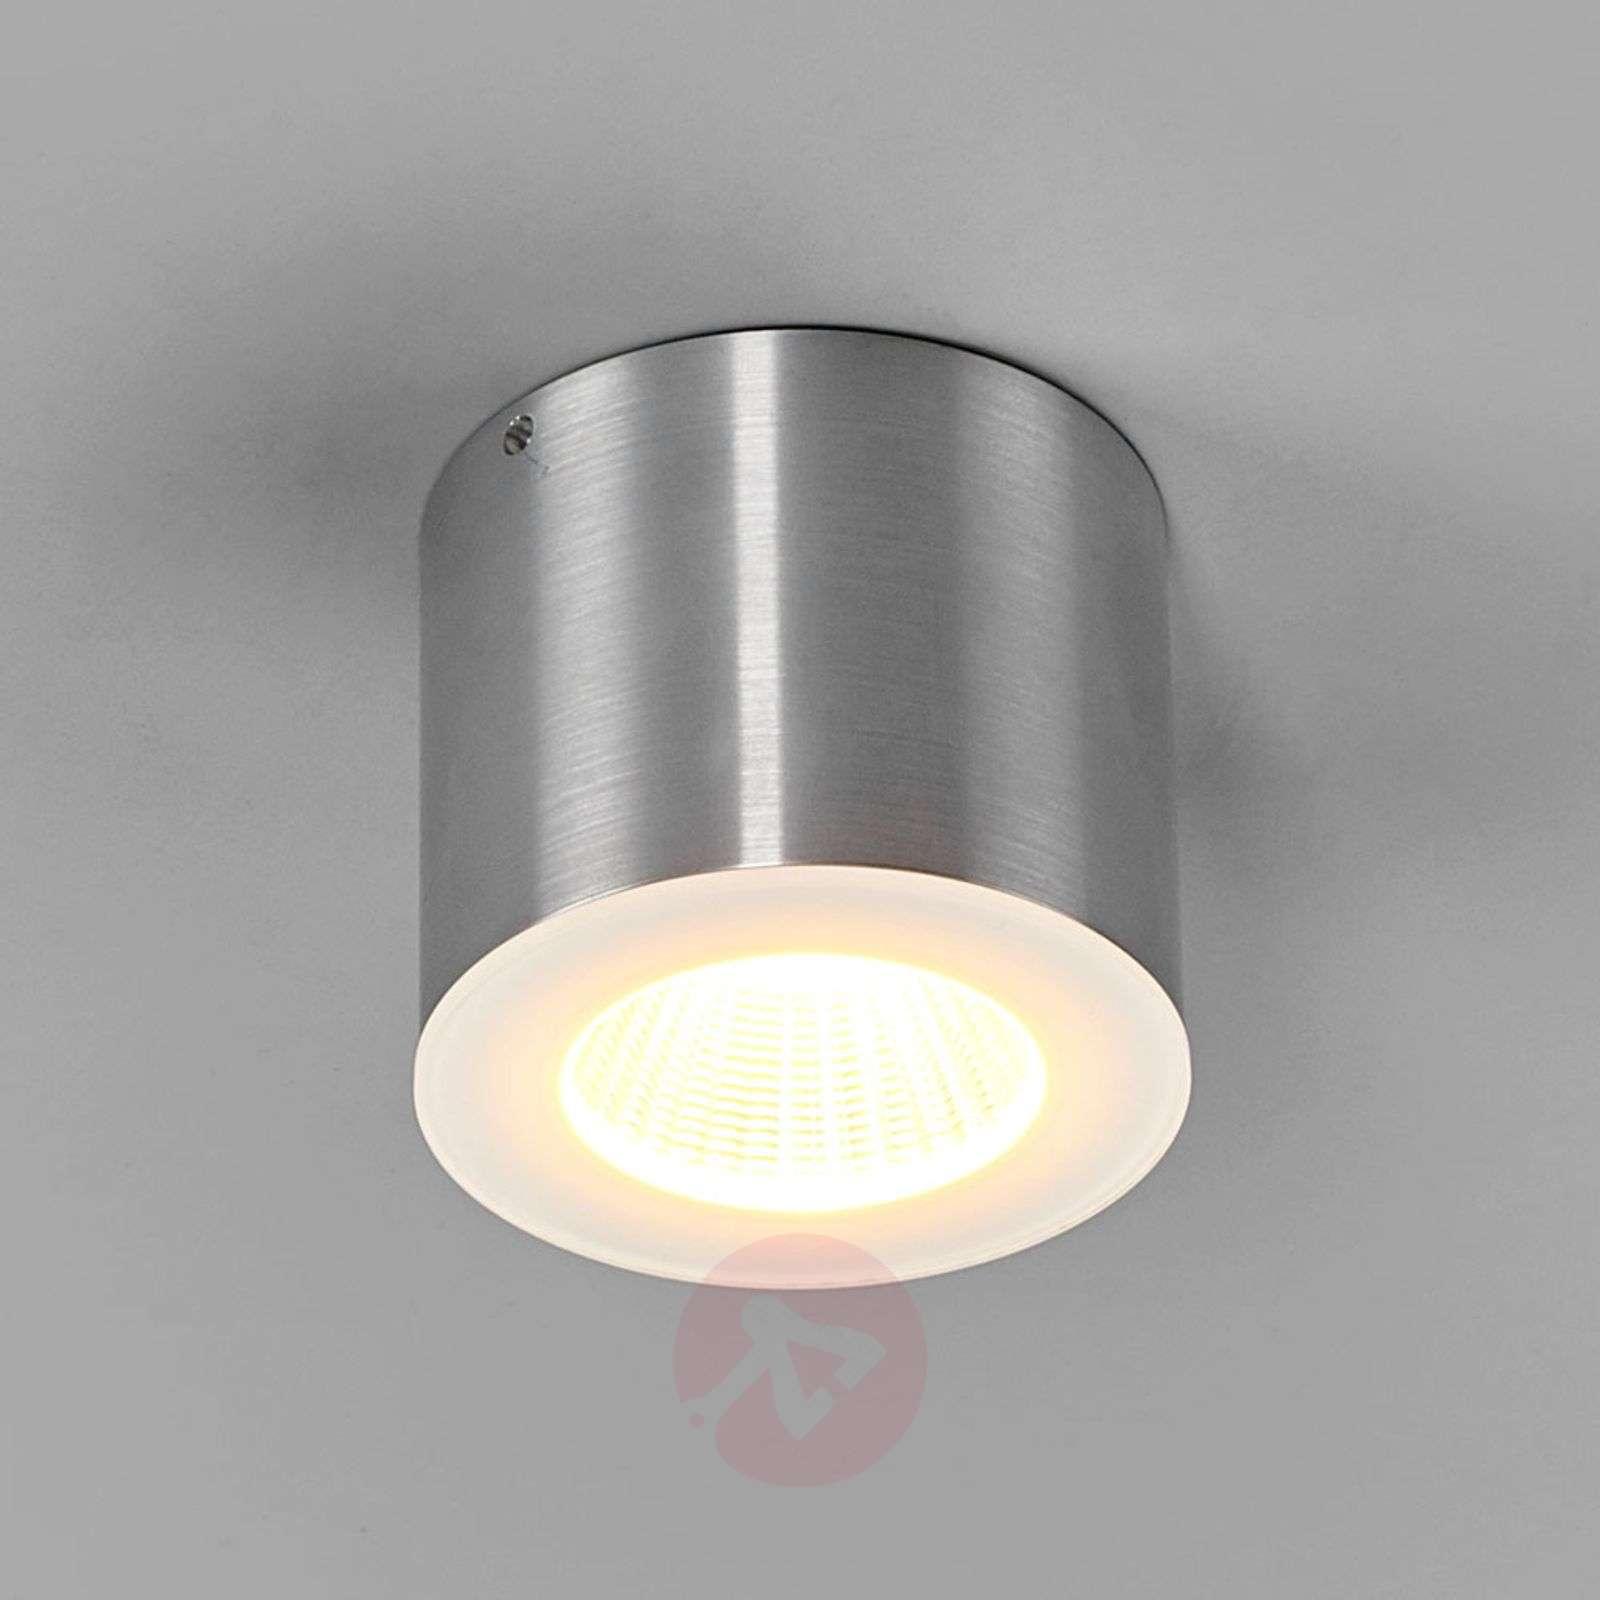 Helestra Oso LED-valaisin, pyöreä, matta alumiini-4516443-02